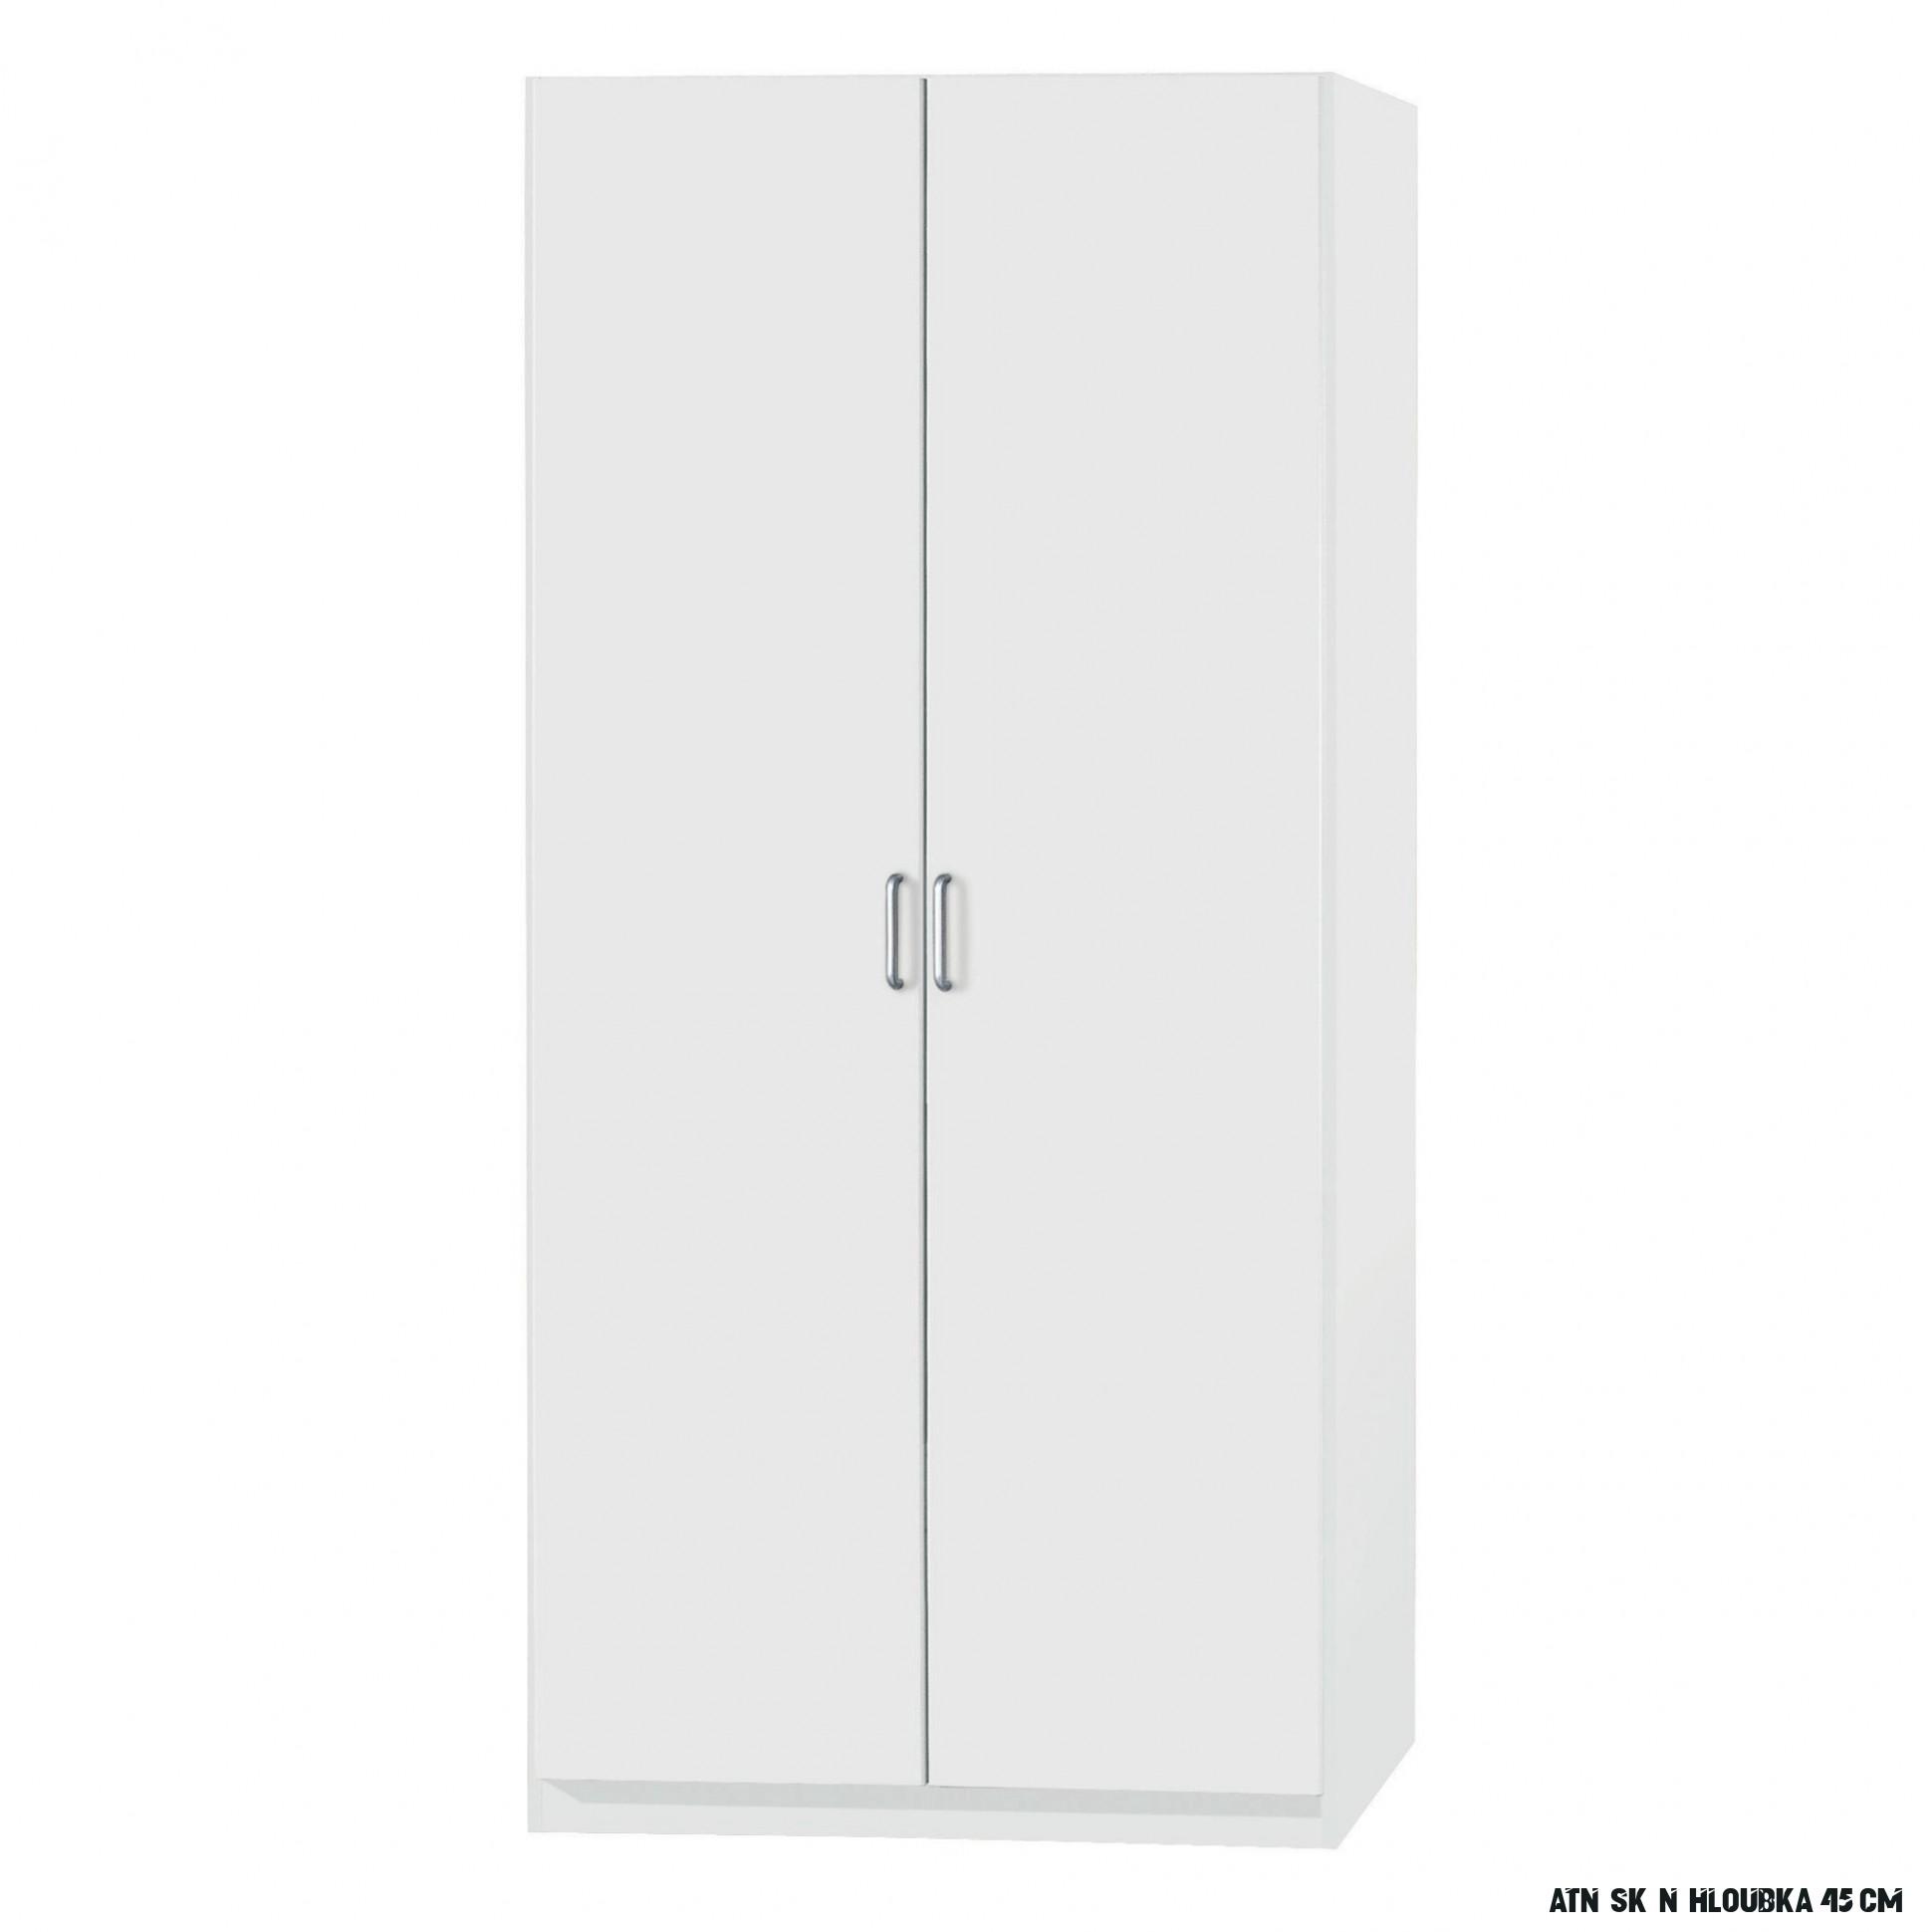 Policová skříň PARKER bílá, výška 16 cm, hloubka 16 cm  Sconto